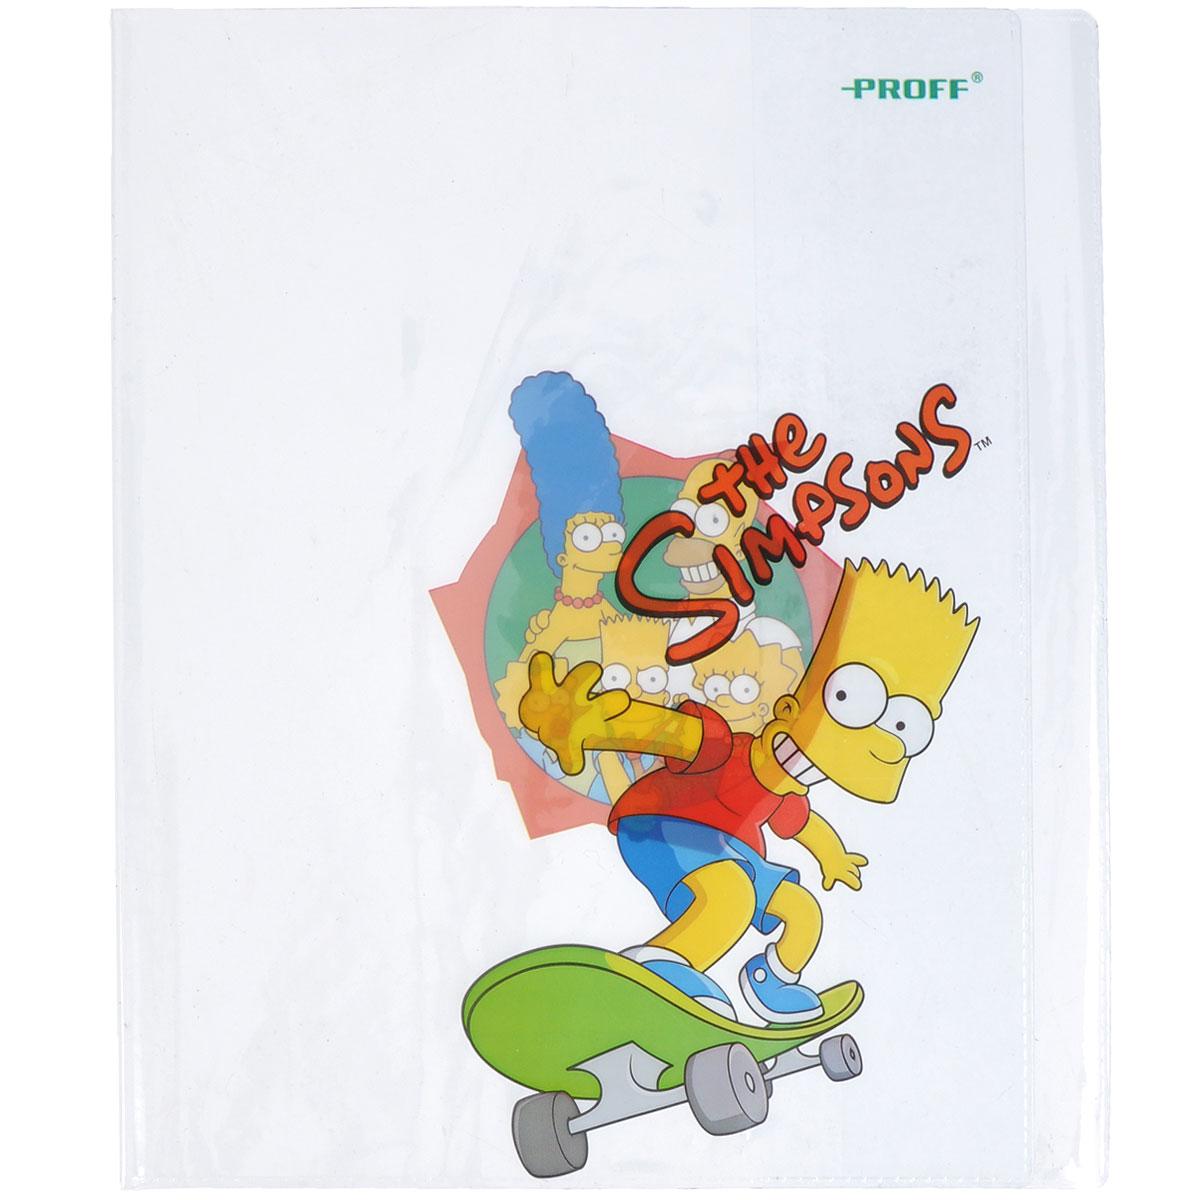 Набор обложек для тетрадей и дневников Proff The Simpsons, 35,5 см х 21 см, 6 штSI14-TBSL1Прозрачная обложка Proff The Simpsons защитит поверхность тетради или дневника от изнашивания и загрязнений. Она выполнена из прочного ПВХ и оформлена изображениями членов семьи Симпсон. В набор входят 6 обложек.